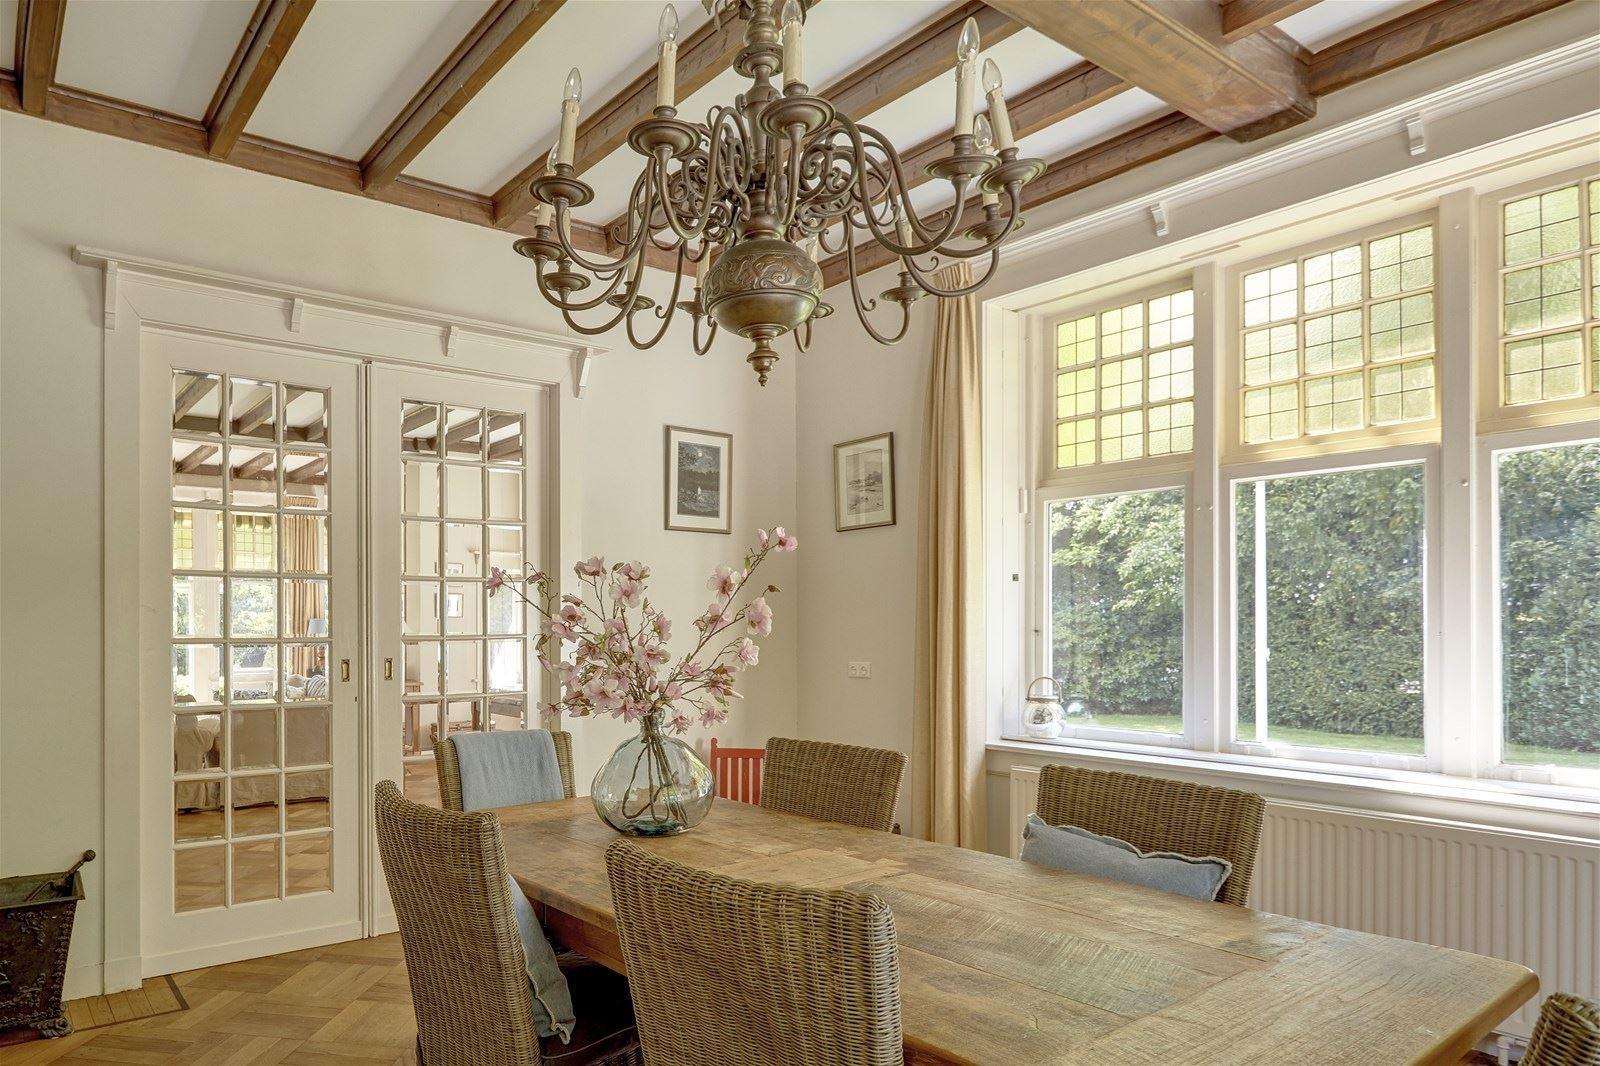 Nhà ở quê đẹp yên bình với những khoảng không gian ngập tràn ánh sáng - Ảnh 15.